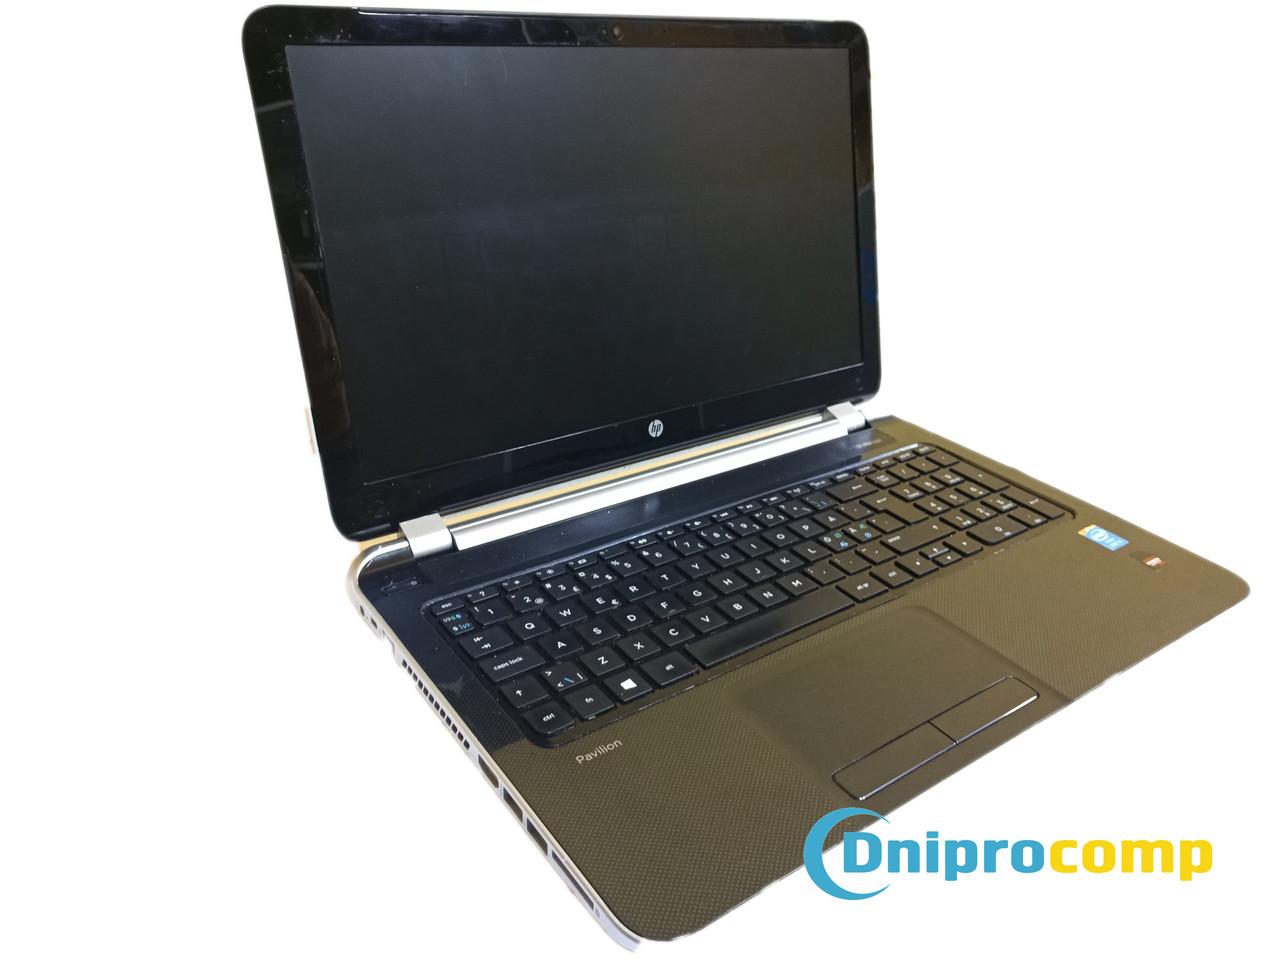 Игровой ноутбук HP Pavilion 15 i5-4200U/4/320/8670М 1GB - Уценка